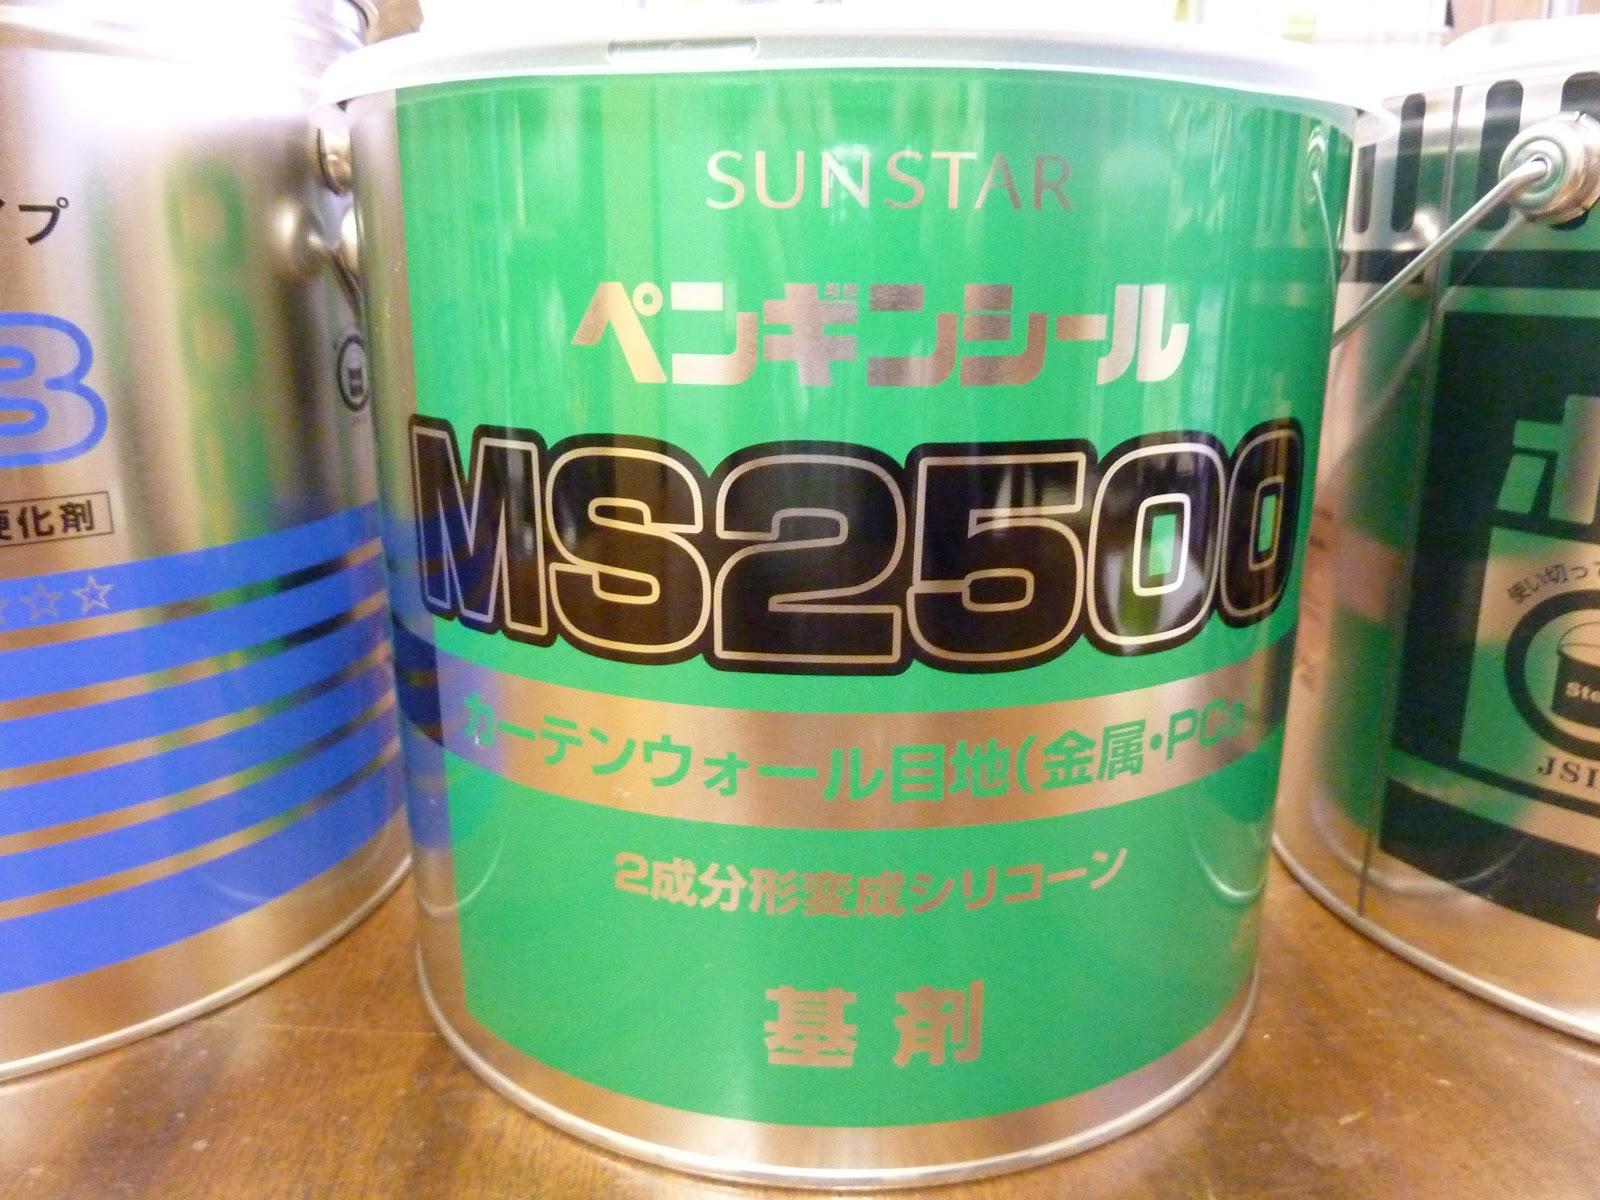 サンスター、ペンギンシールMS2500